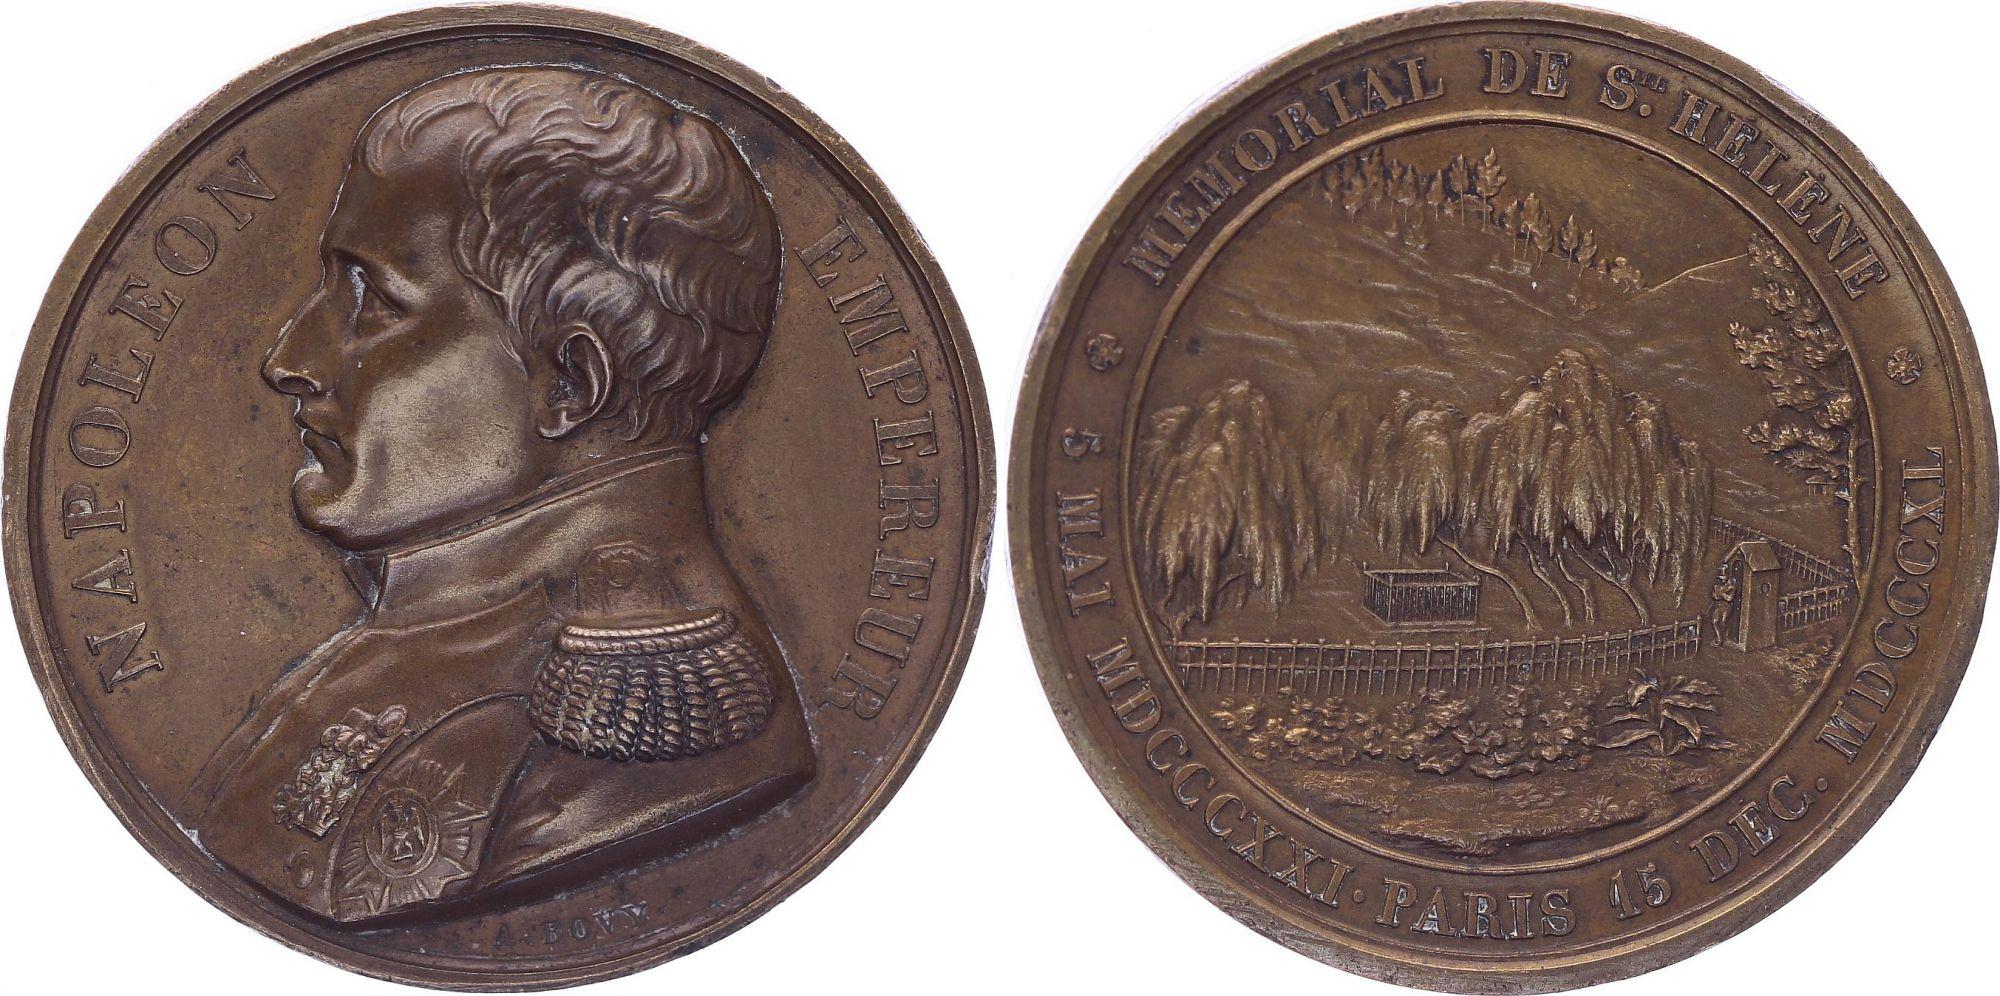 France Napoléon I - Mémorial de St Hélène - 1840